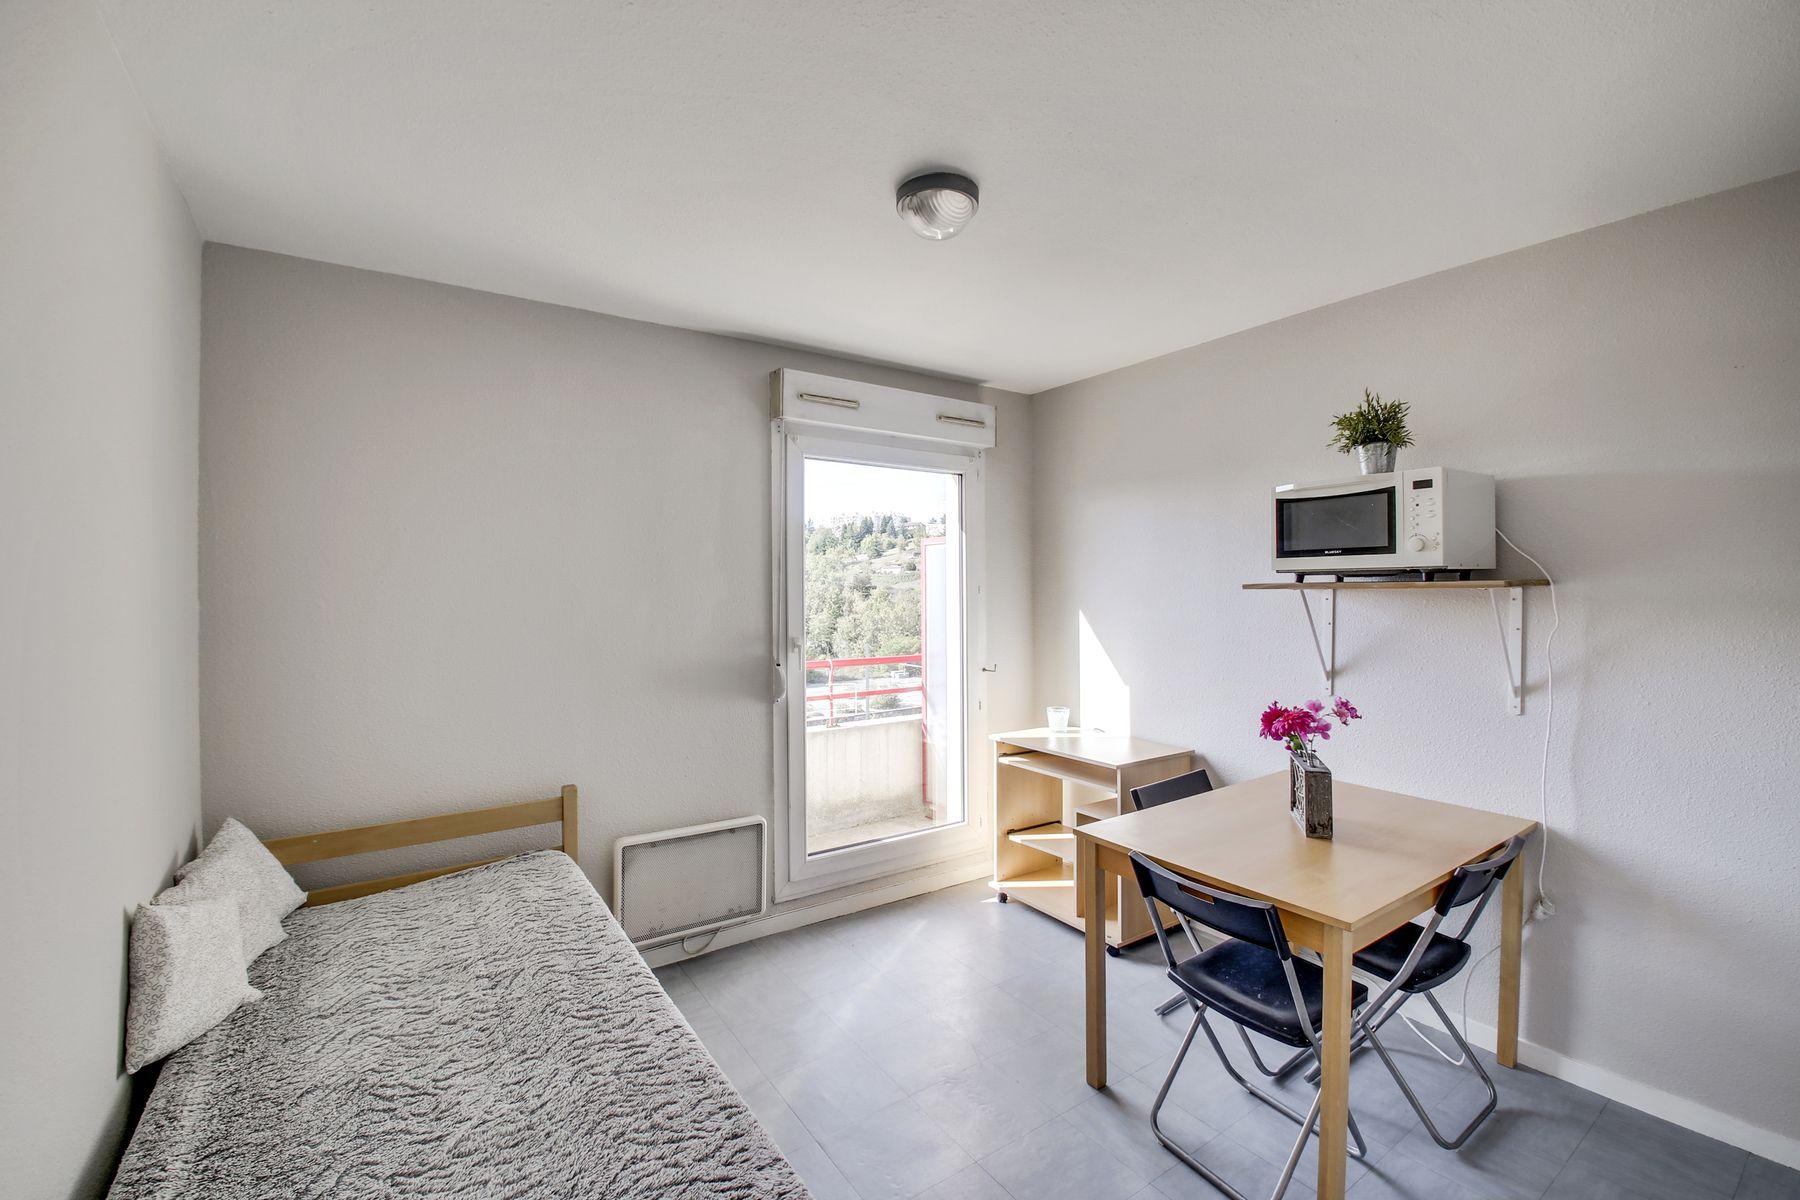 lit et bureau LOGIFAC Charcot logement étudiant